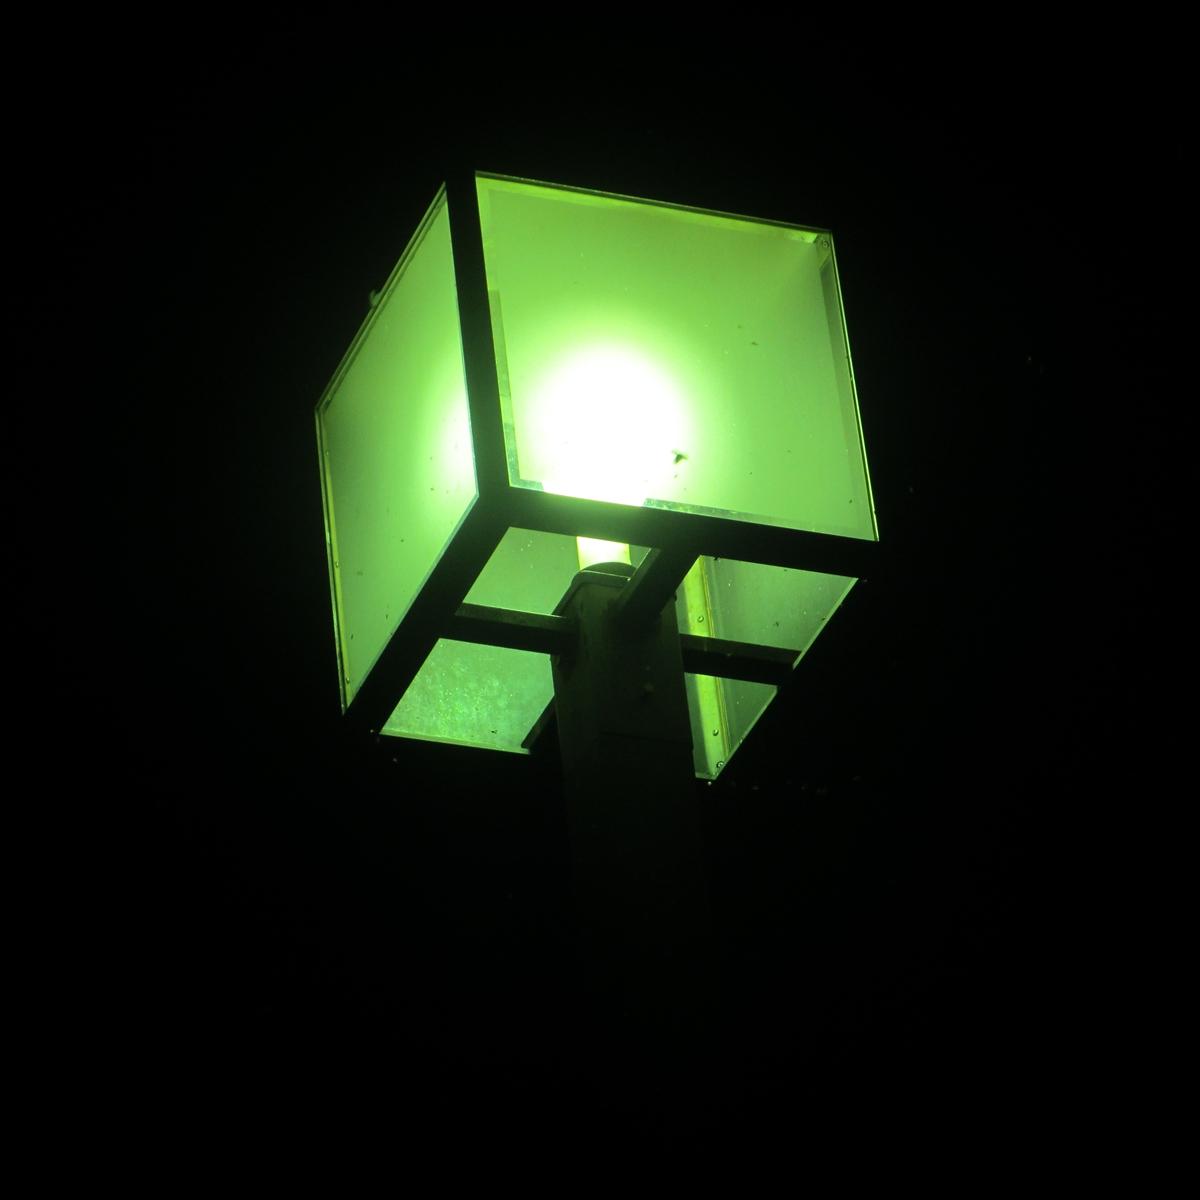 街灯に群がる虫20150710 (6)